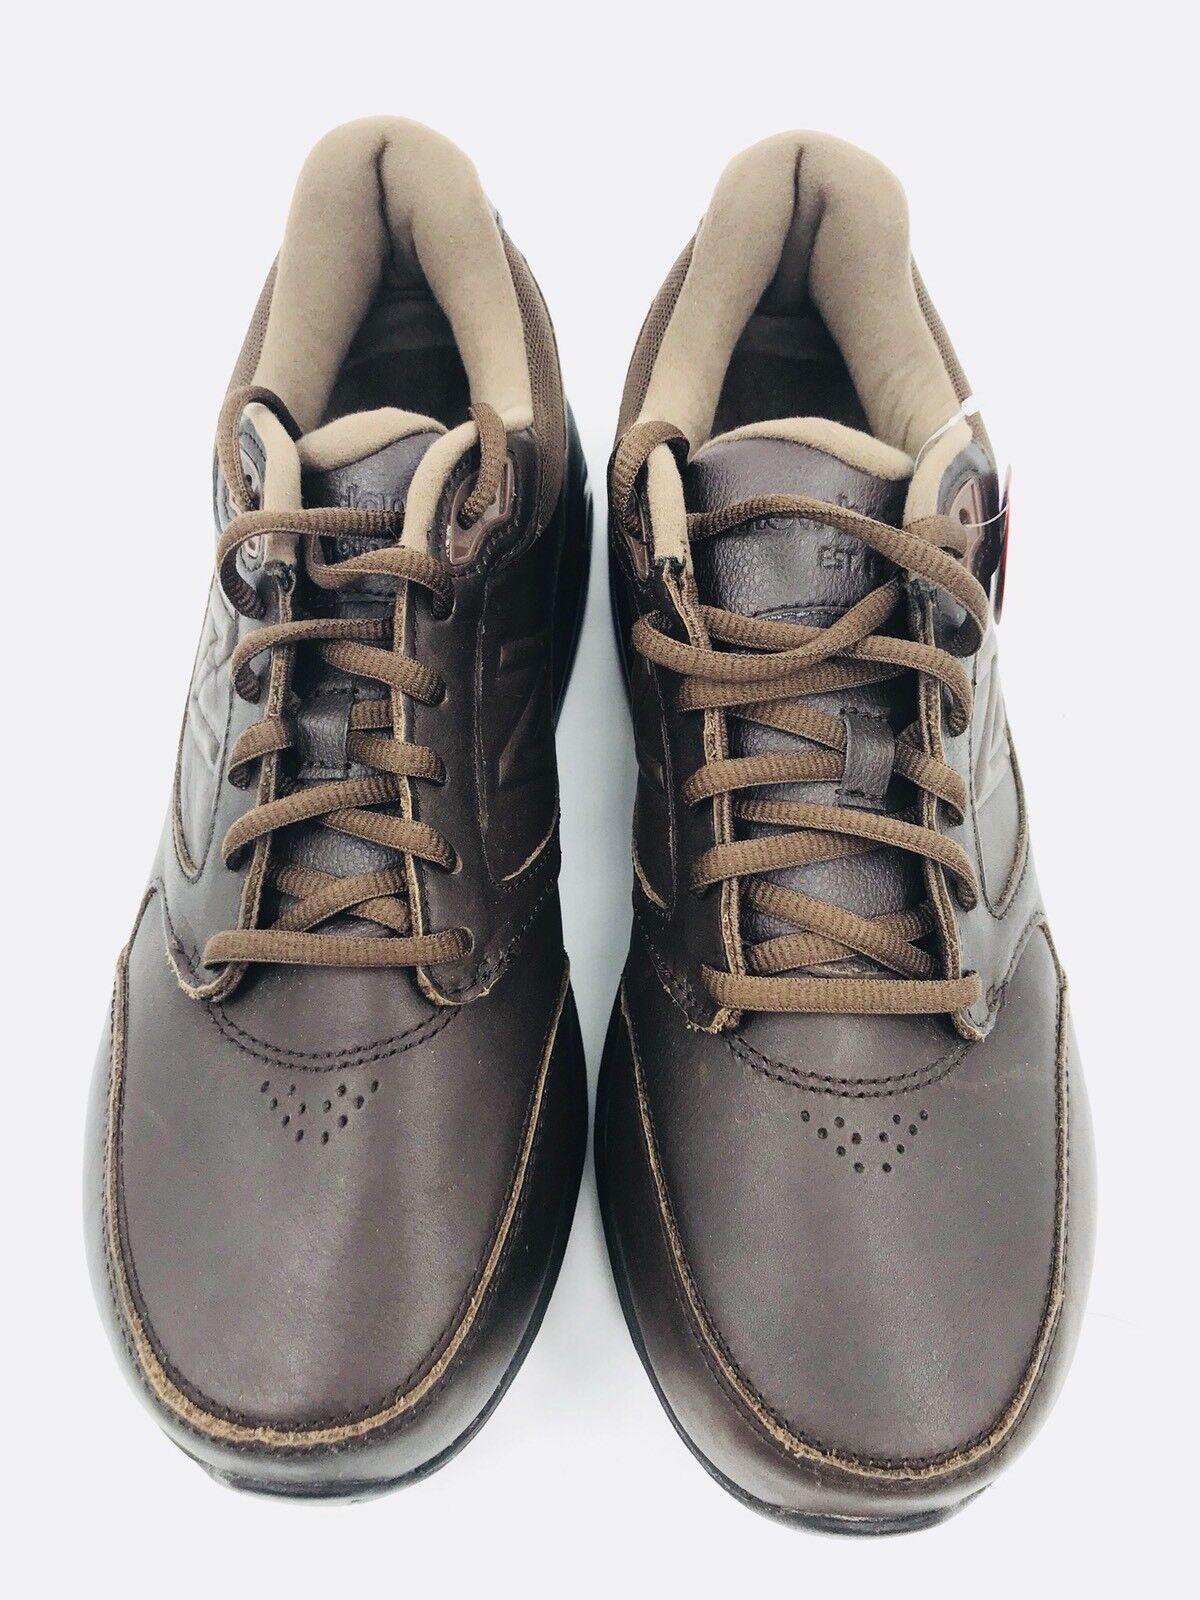 New Balance 925 Braun Walking Schuhes   - Herren Größe 7.5 4E -  New 812070